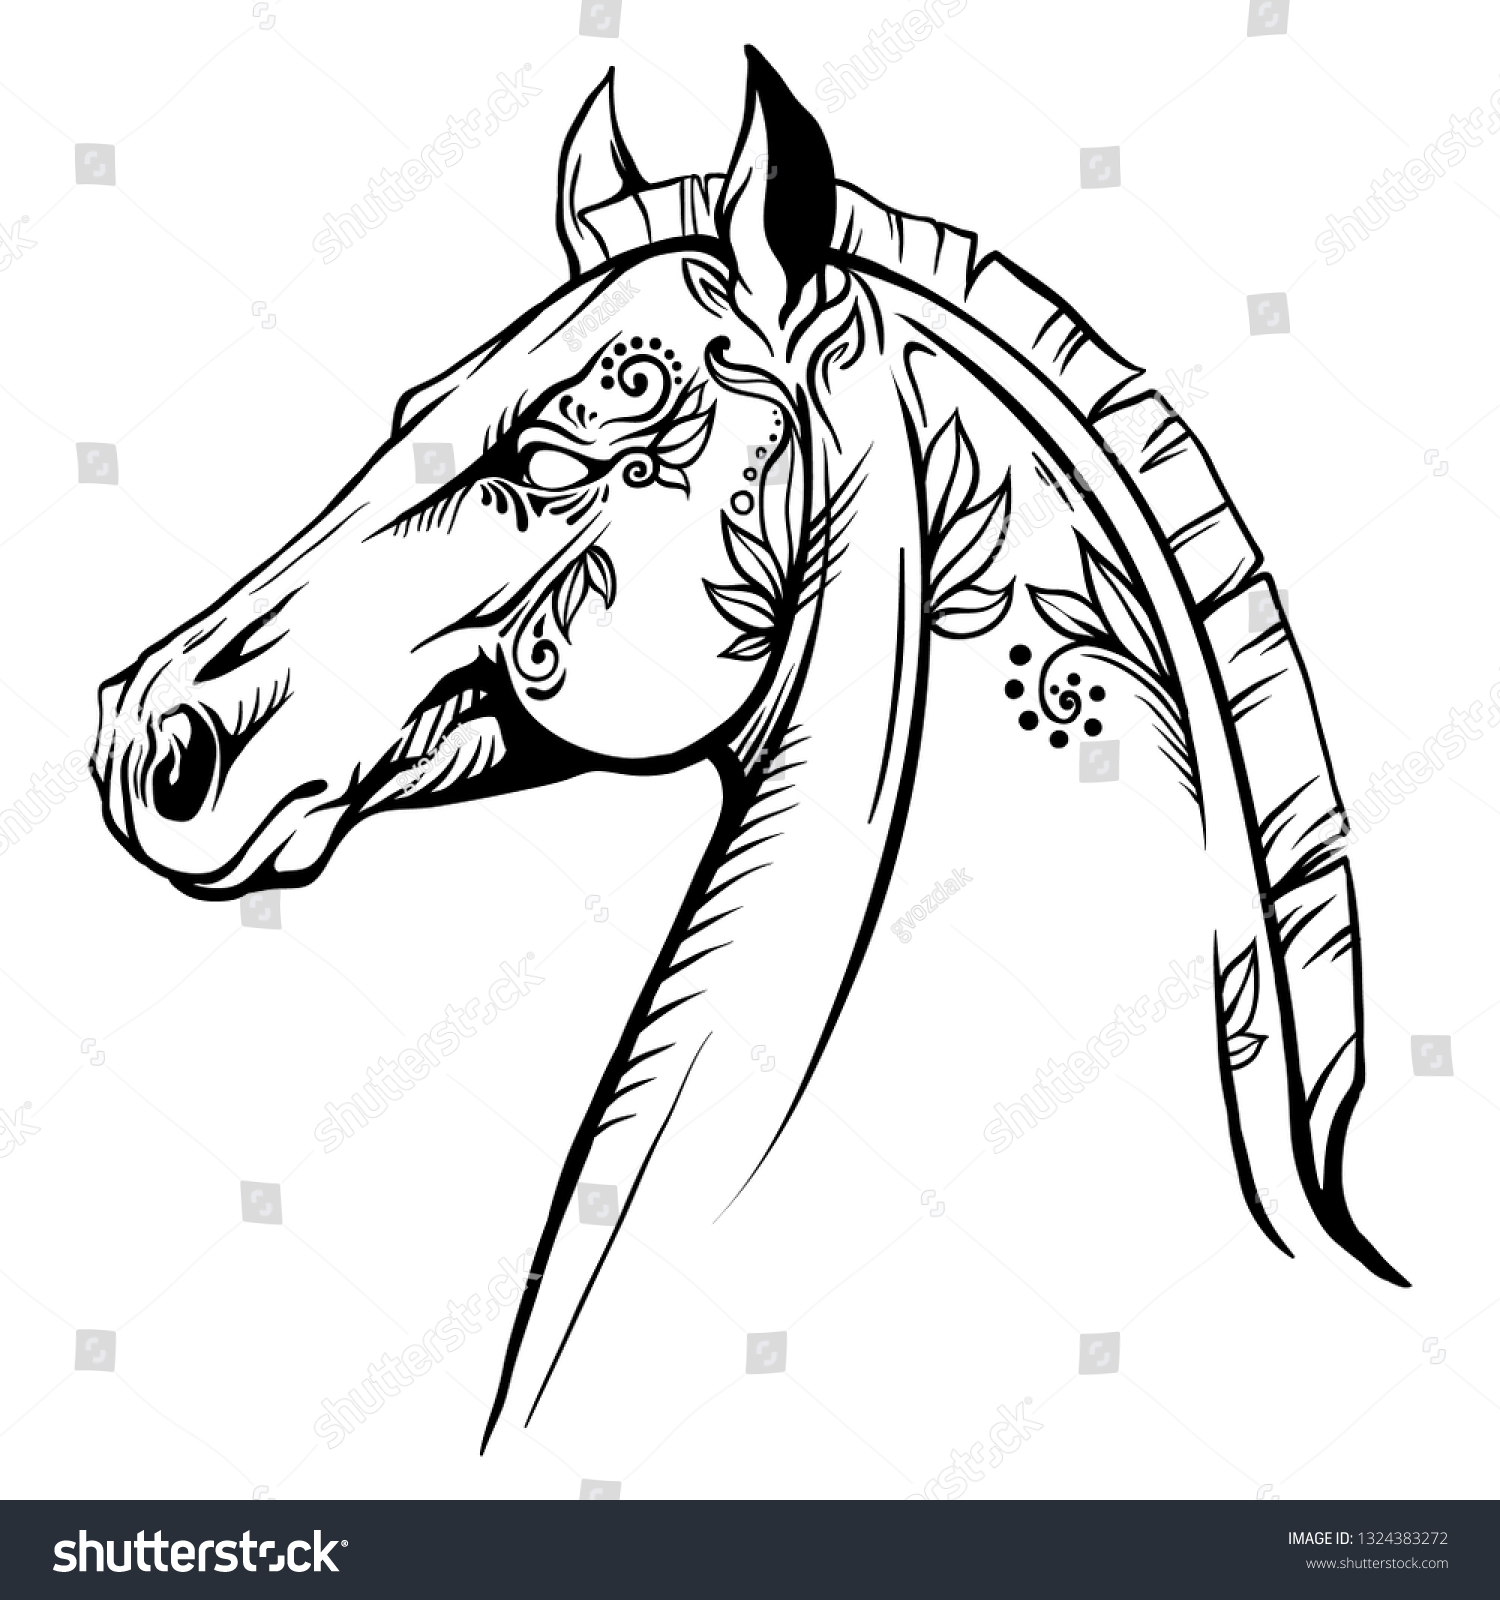 Vector De Stock Libre De Regalias Sobre Coloring Page Horse Head Pattern Flowers1324383272